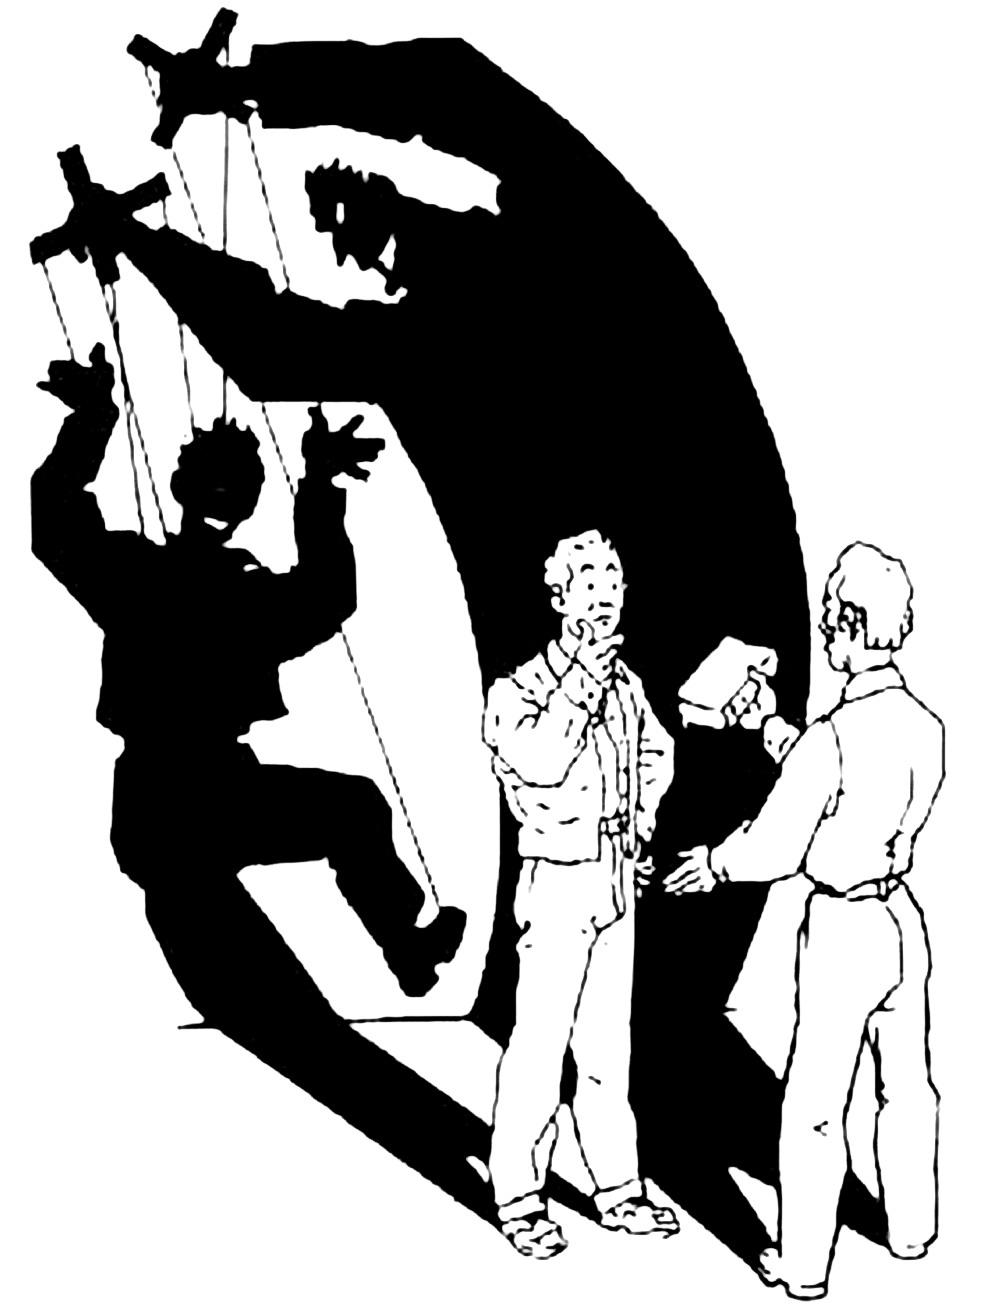 Манипуляция, мошенничество, воздействие на психику человека